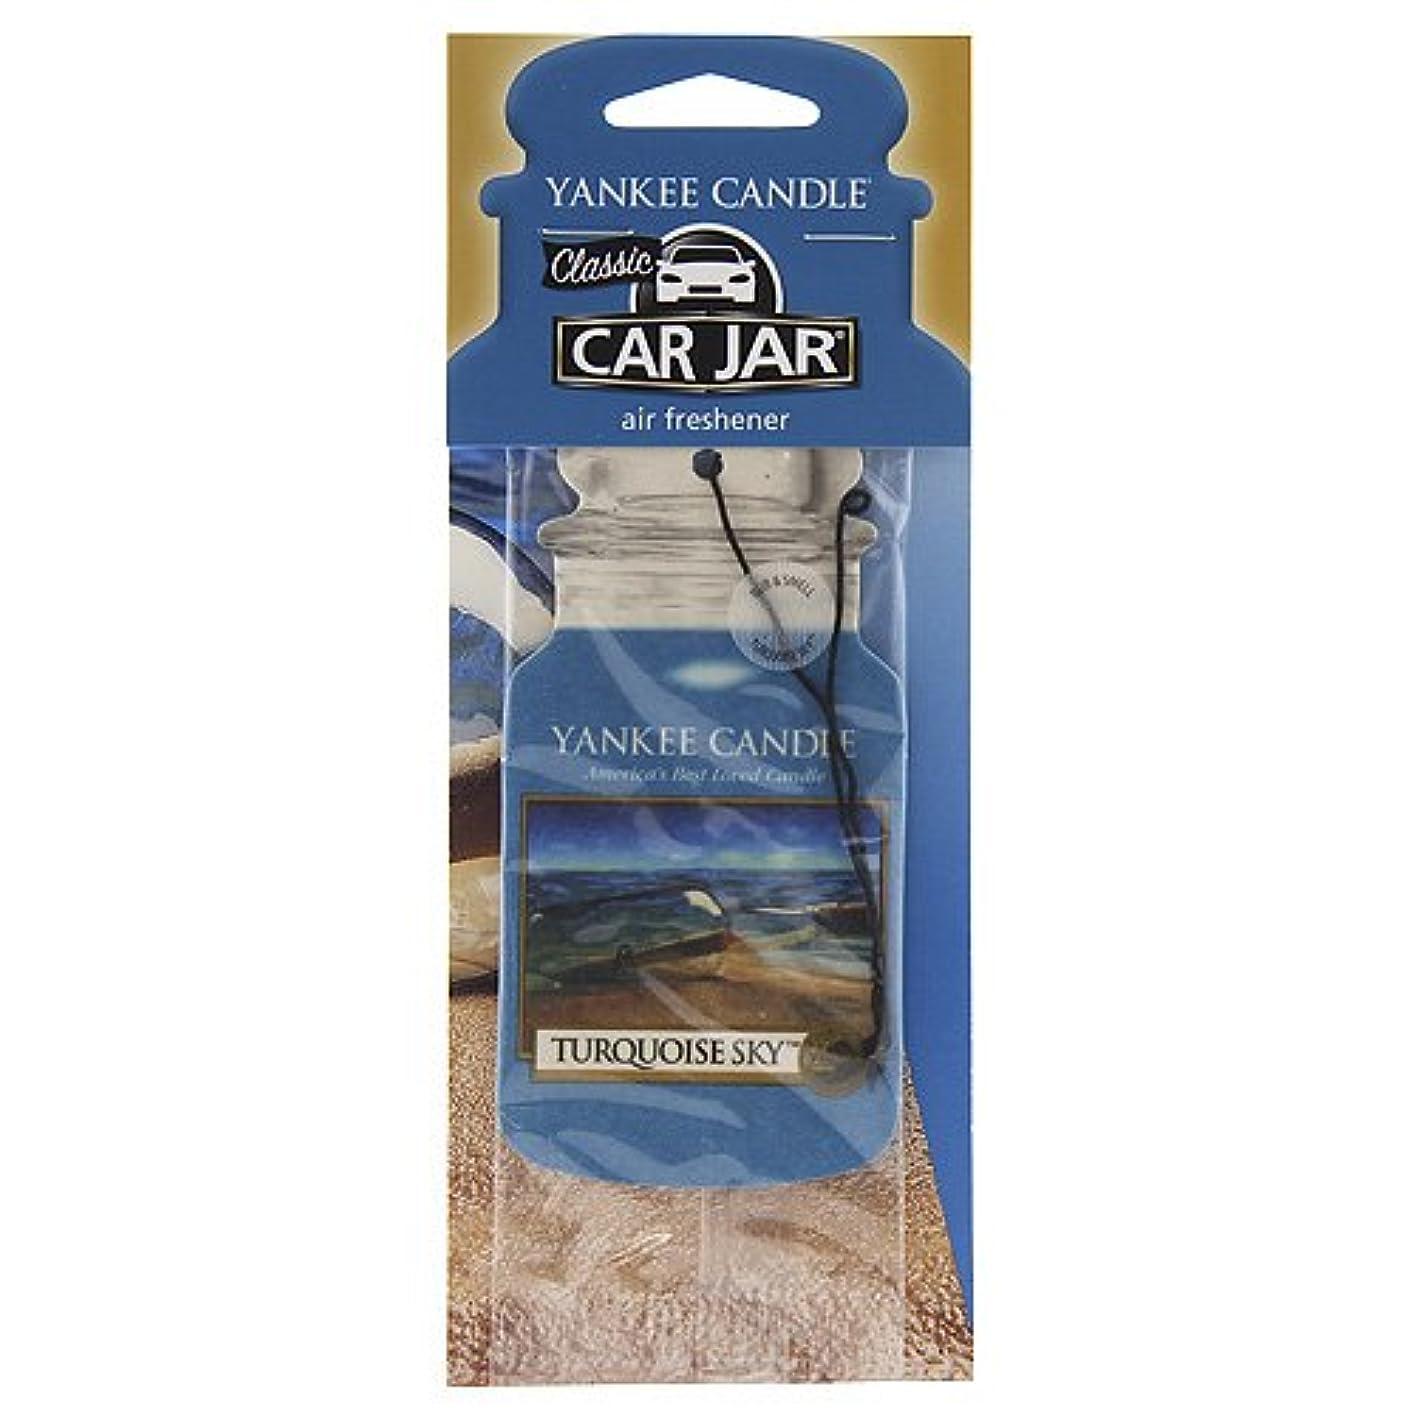 公平ナイトスポットソーダ水Yankee Candleターコイズ空、Fresh Scent Car Jar Single Packs ブルー 1295692E